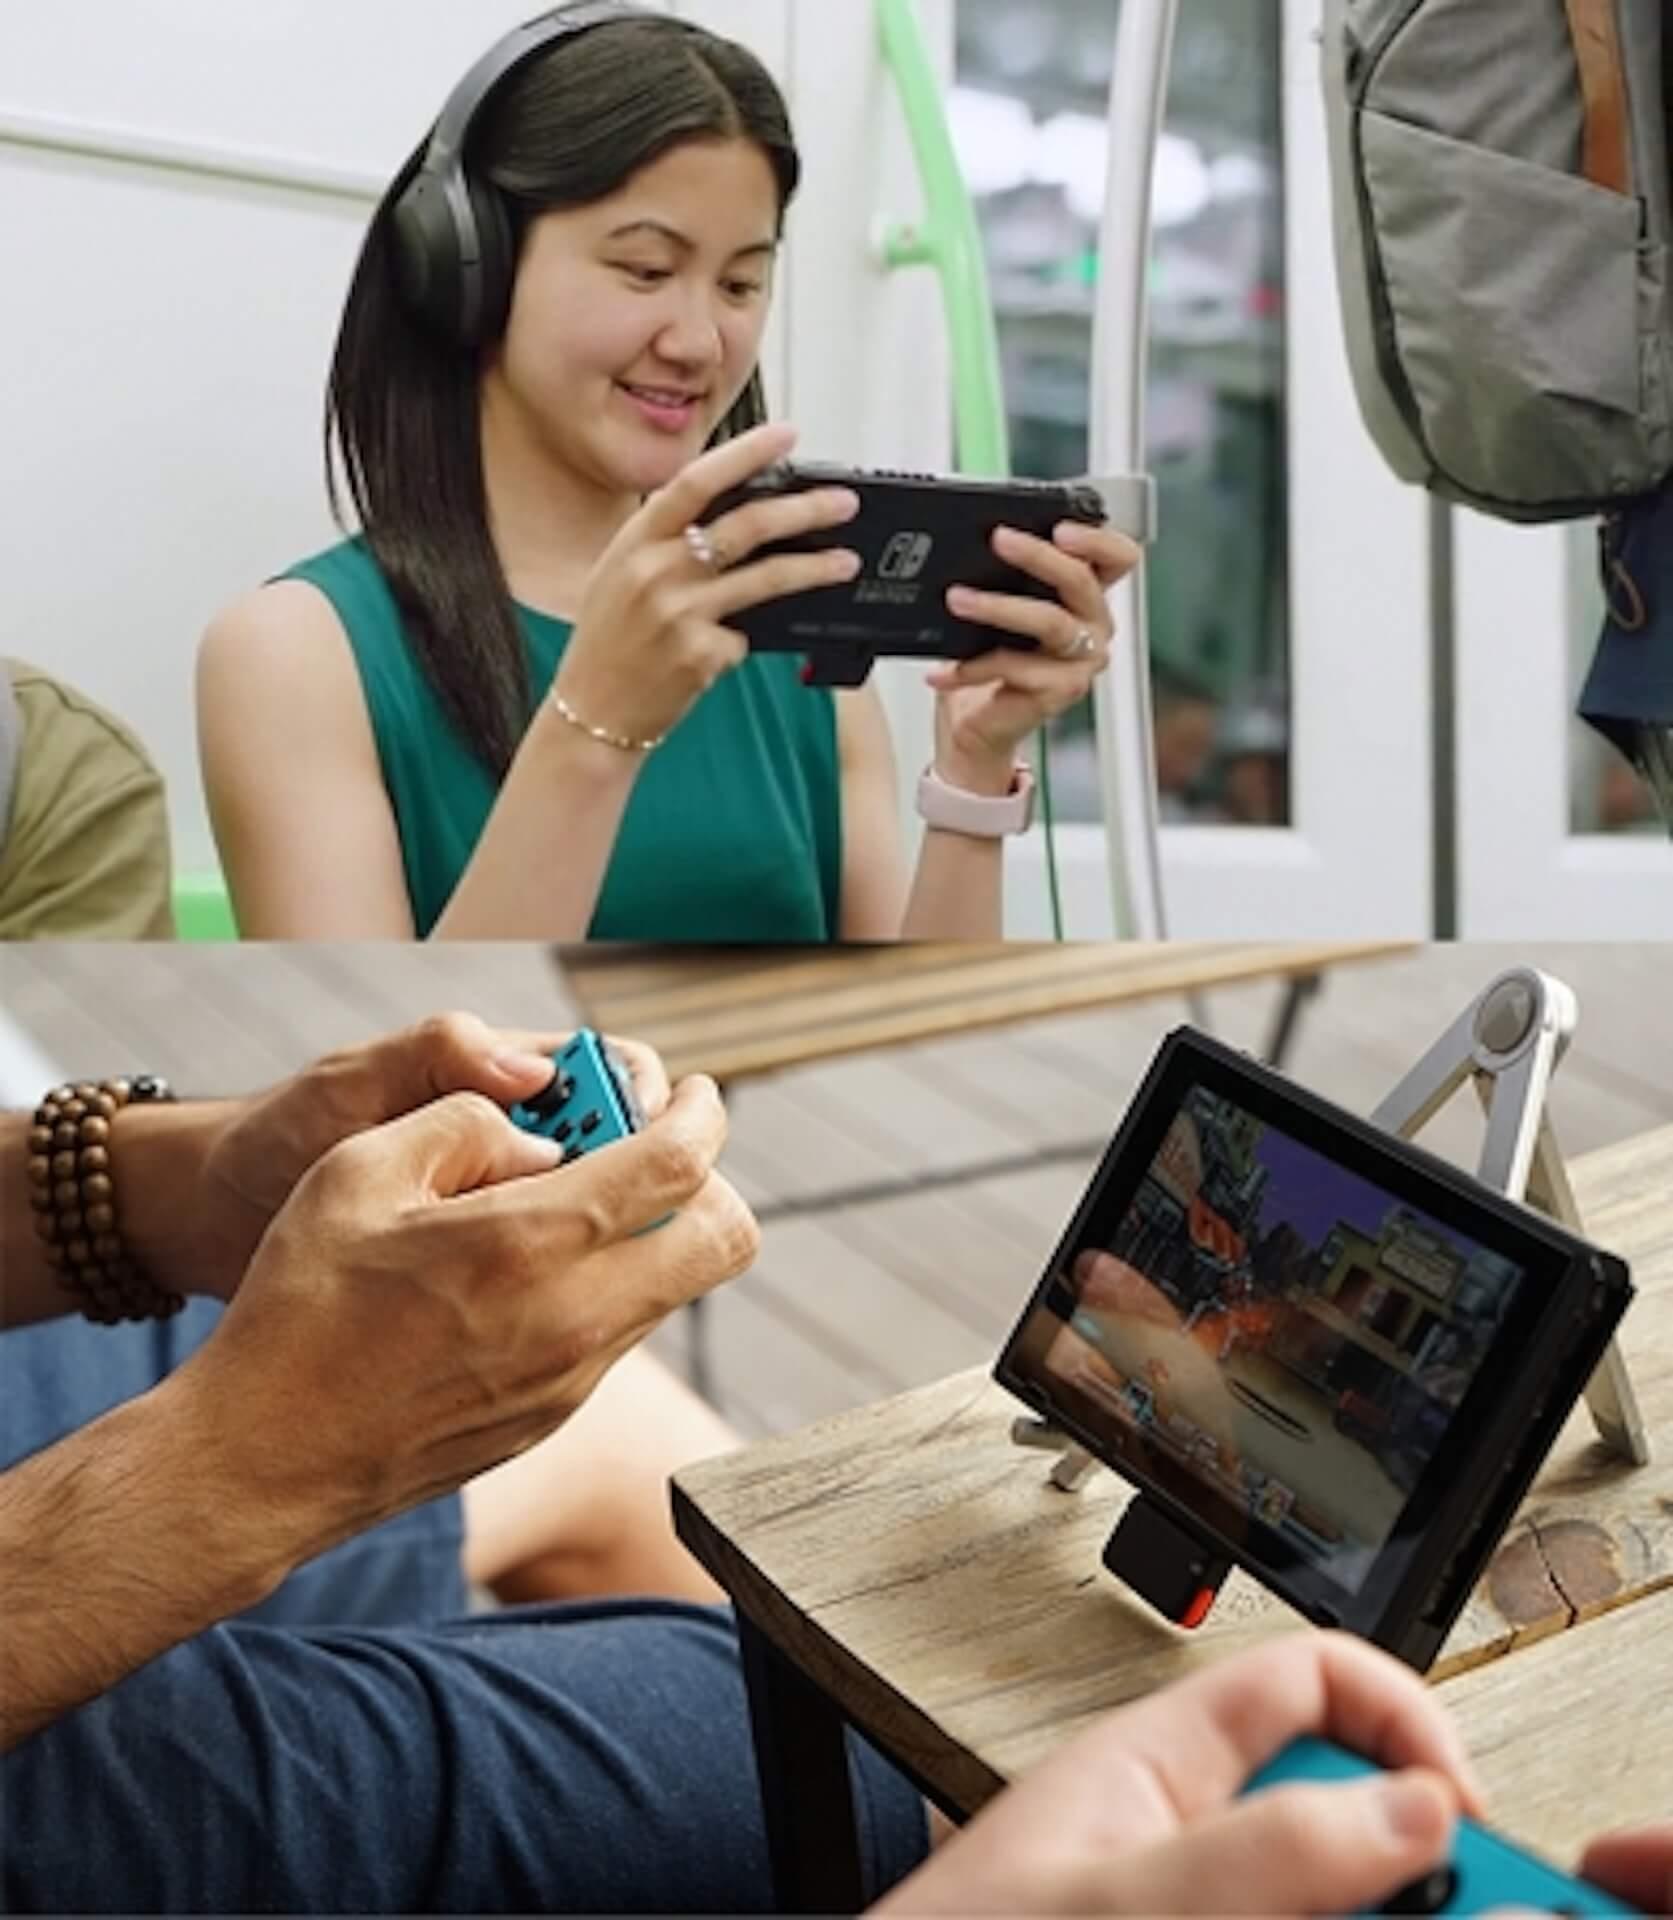 Nintendo Switchをワイヤレスイヤホン/スピーカーで楽しもう!Bluetooth対応アダプタ「Genki」がGlotureで発売中 tech200414_nintendoswitch_1